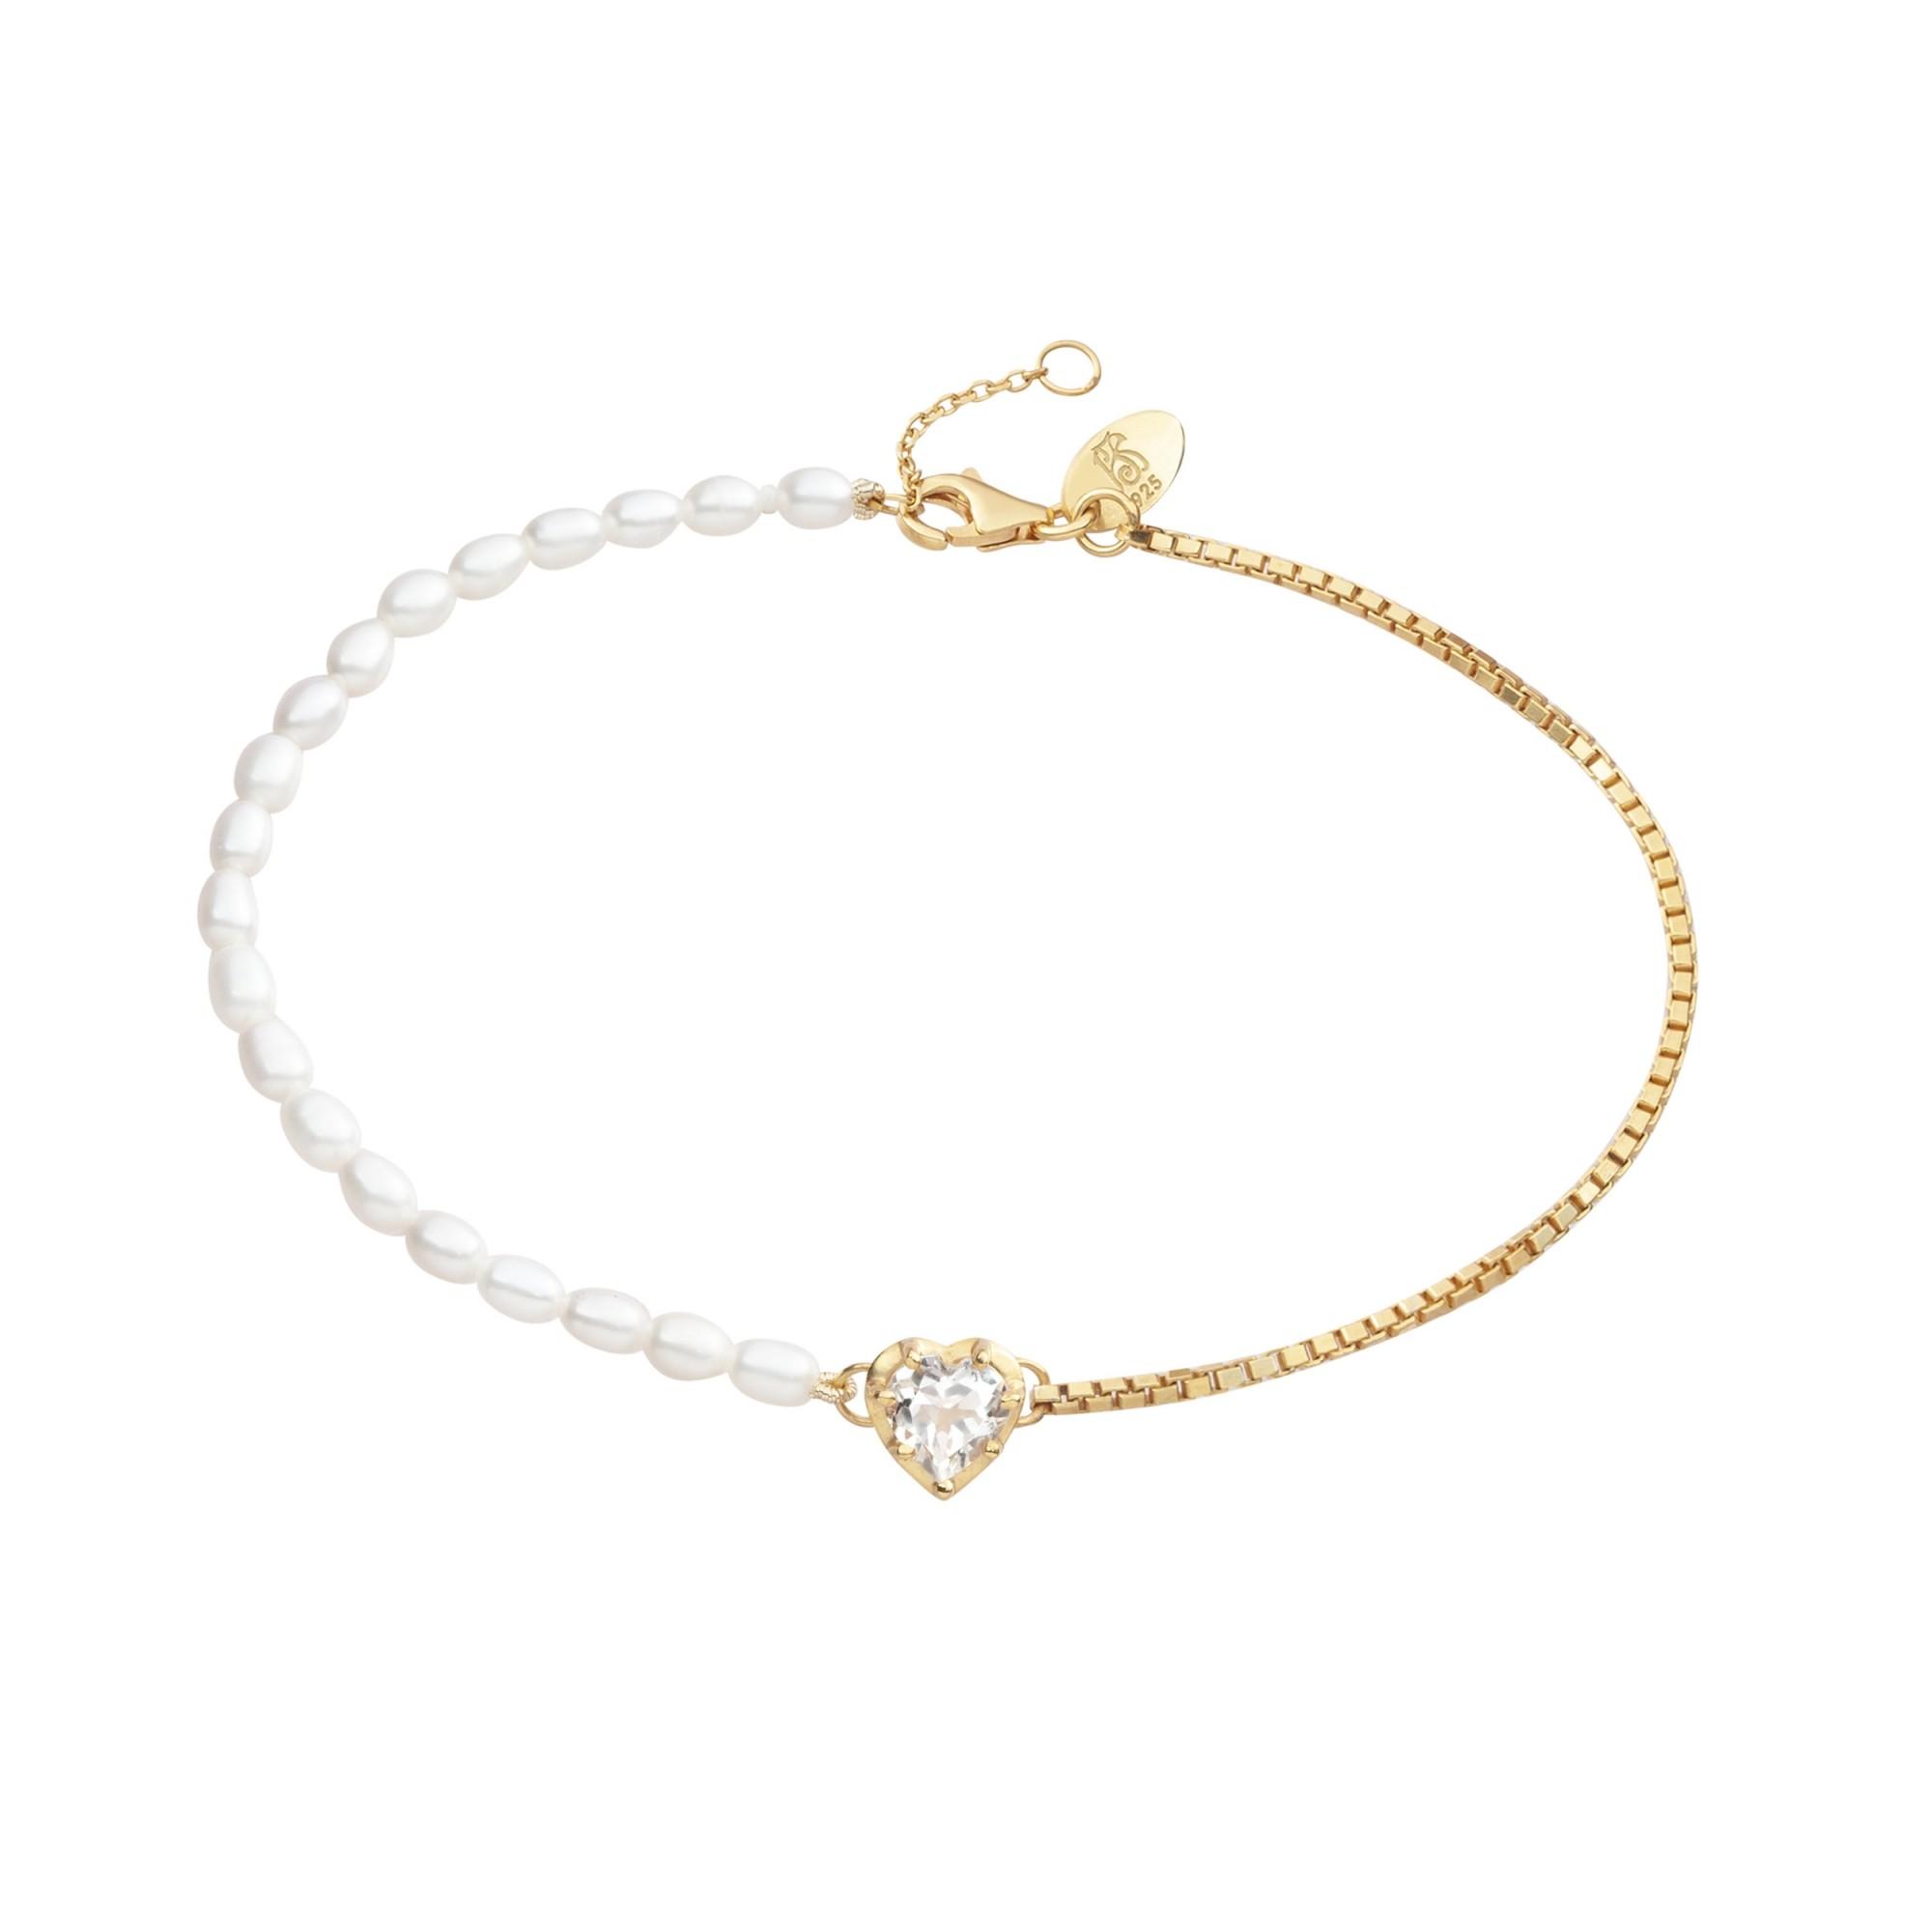 Pulseira Crush Coração de Prata com Banho de Ouro 18k e Quartzo - Crush Collection